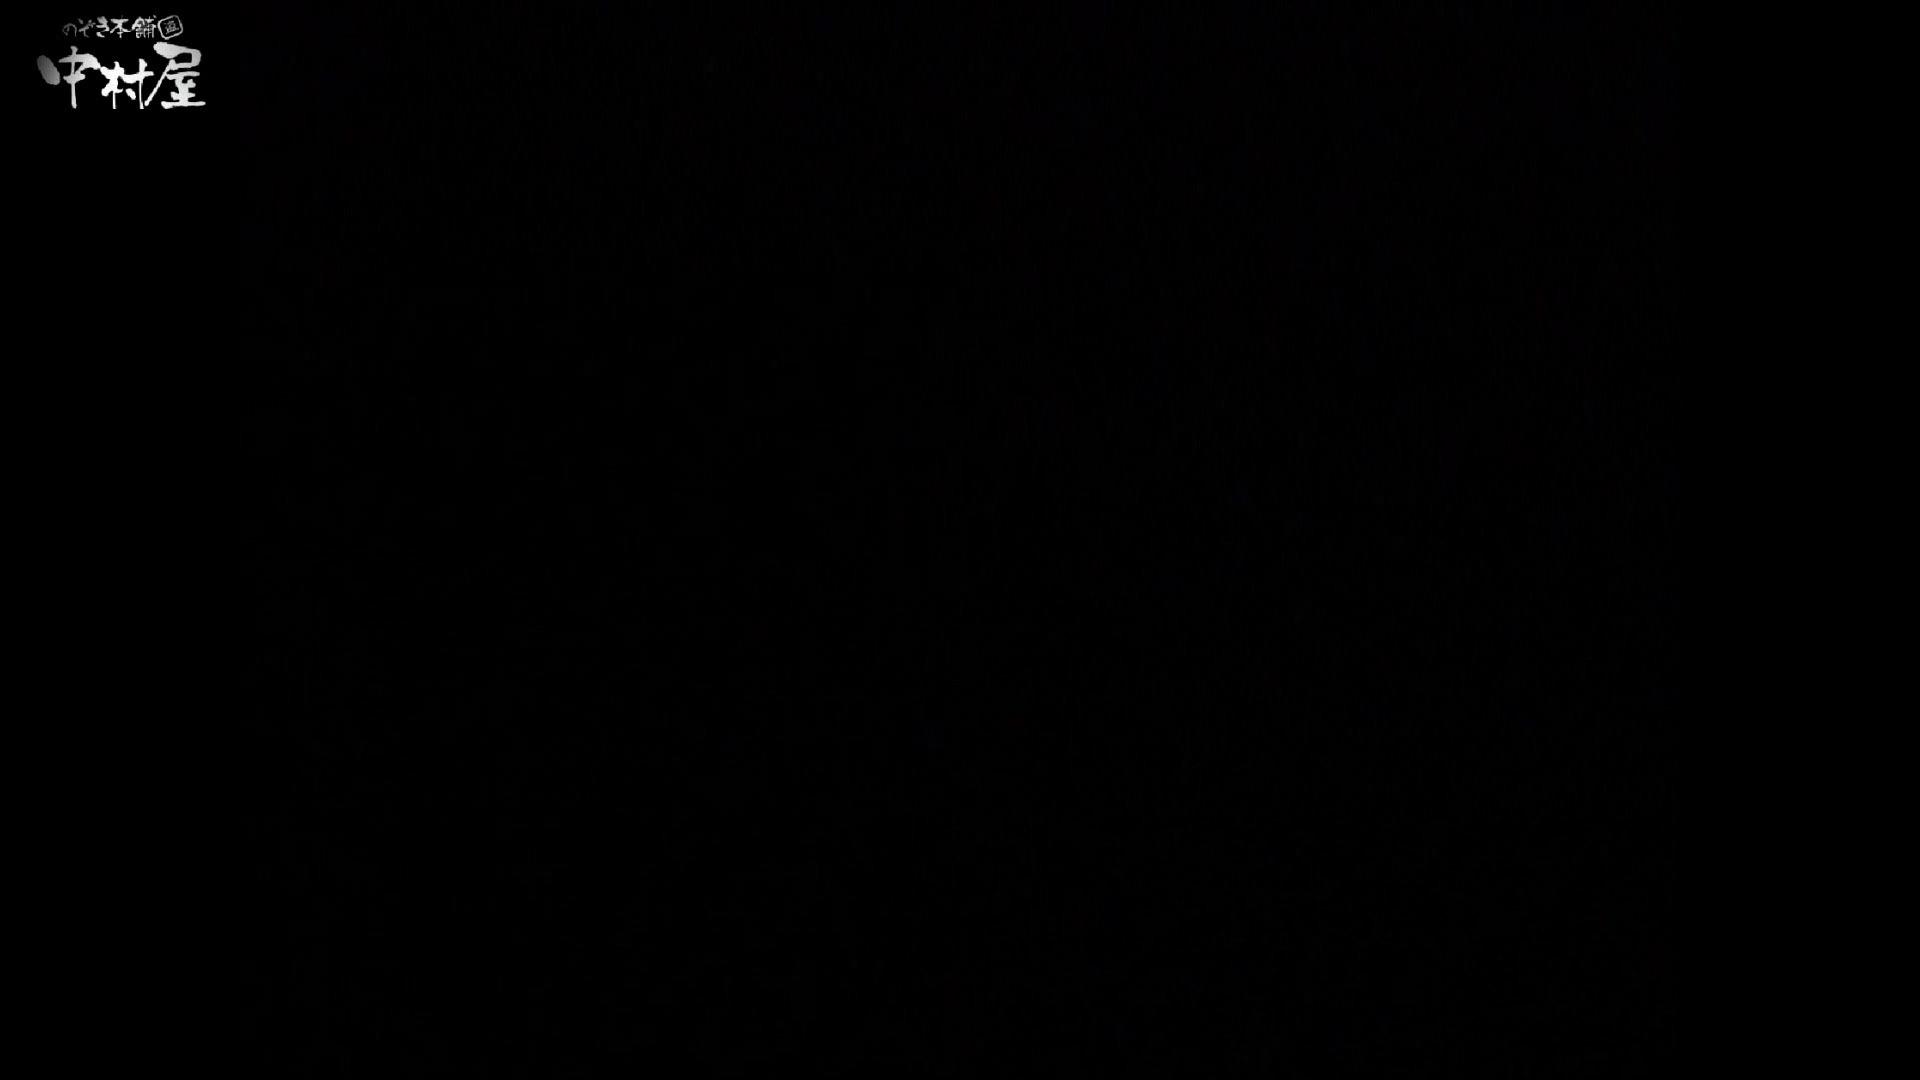 民家風呂専門盗撮師の超危険映像 vol.018 民家   HなOL  70pic 7